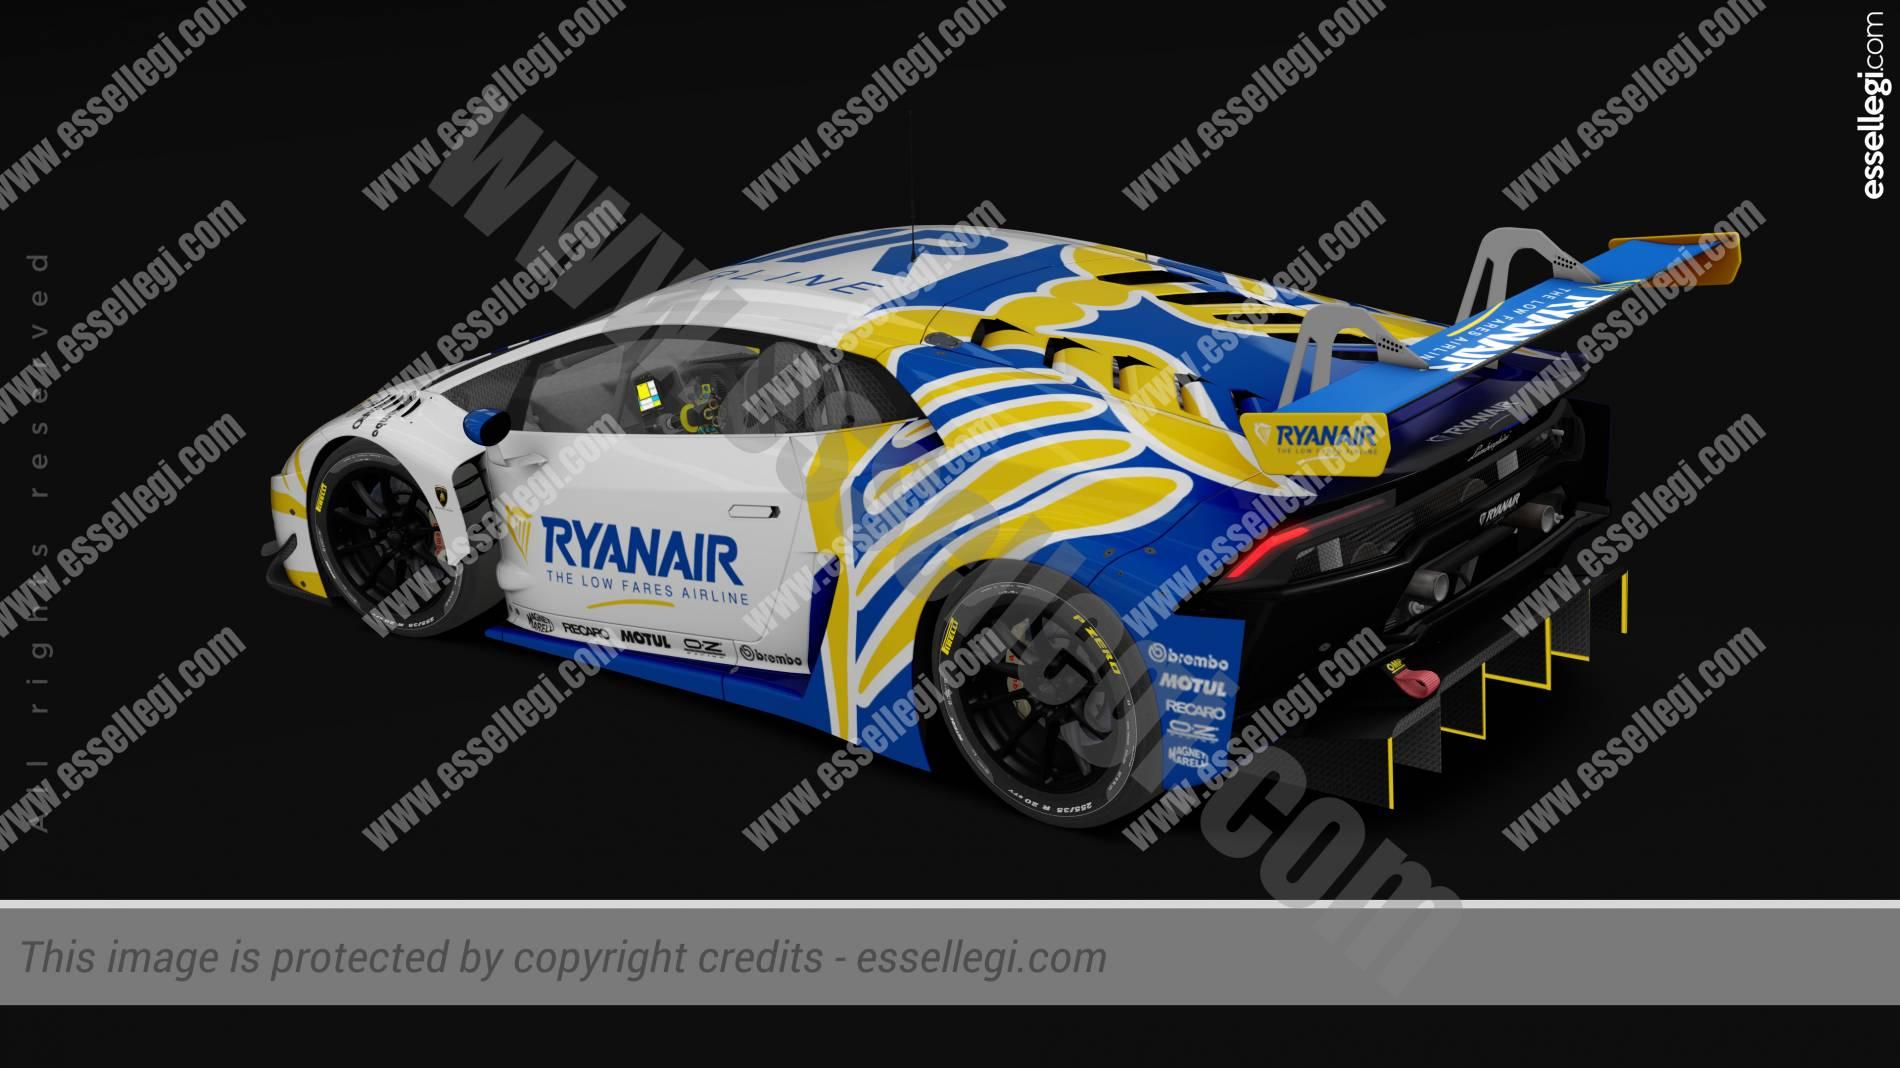 LAMBORGHINI HURACAN GT3   RYANAIR TRIBUTE RACING CAR LIVERY